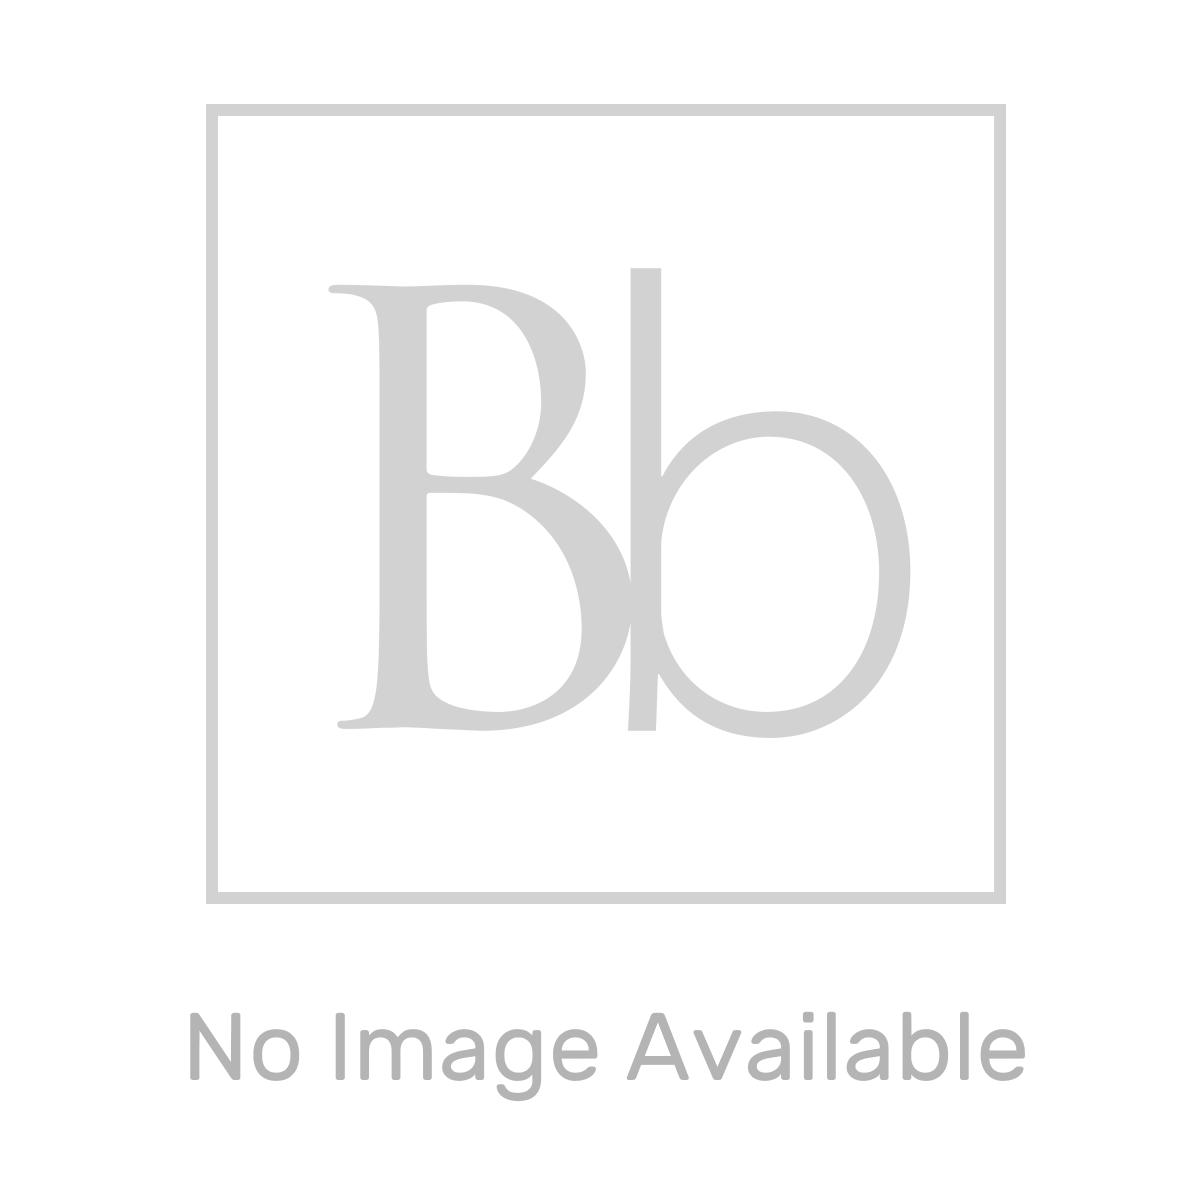 Premier Bliss Close Coupled Toilet